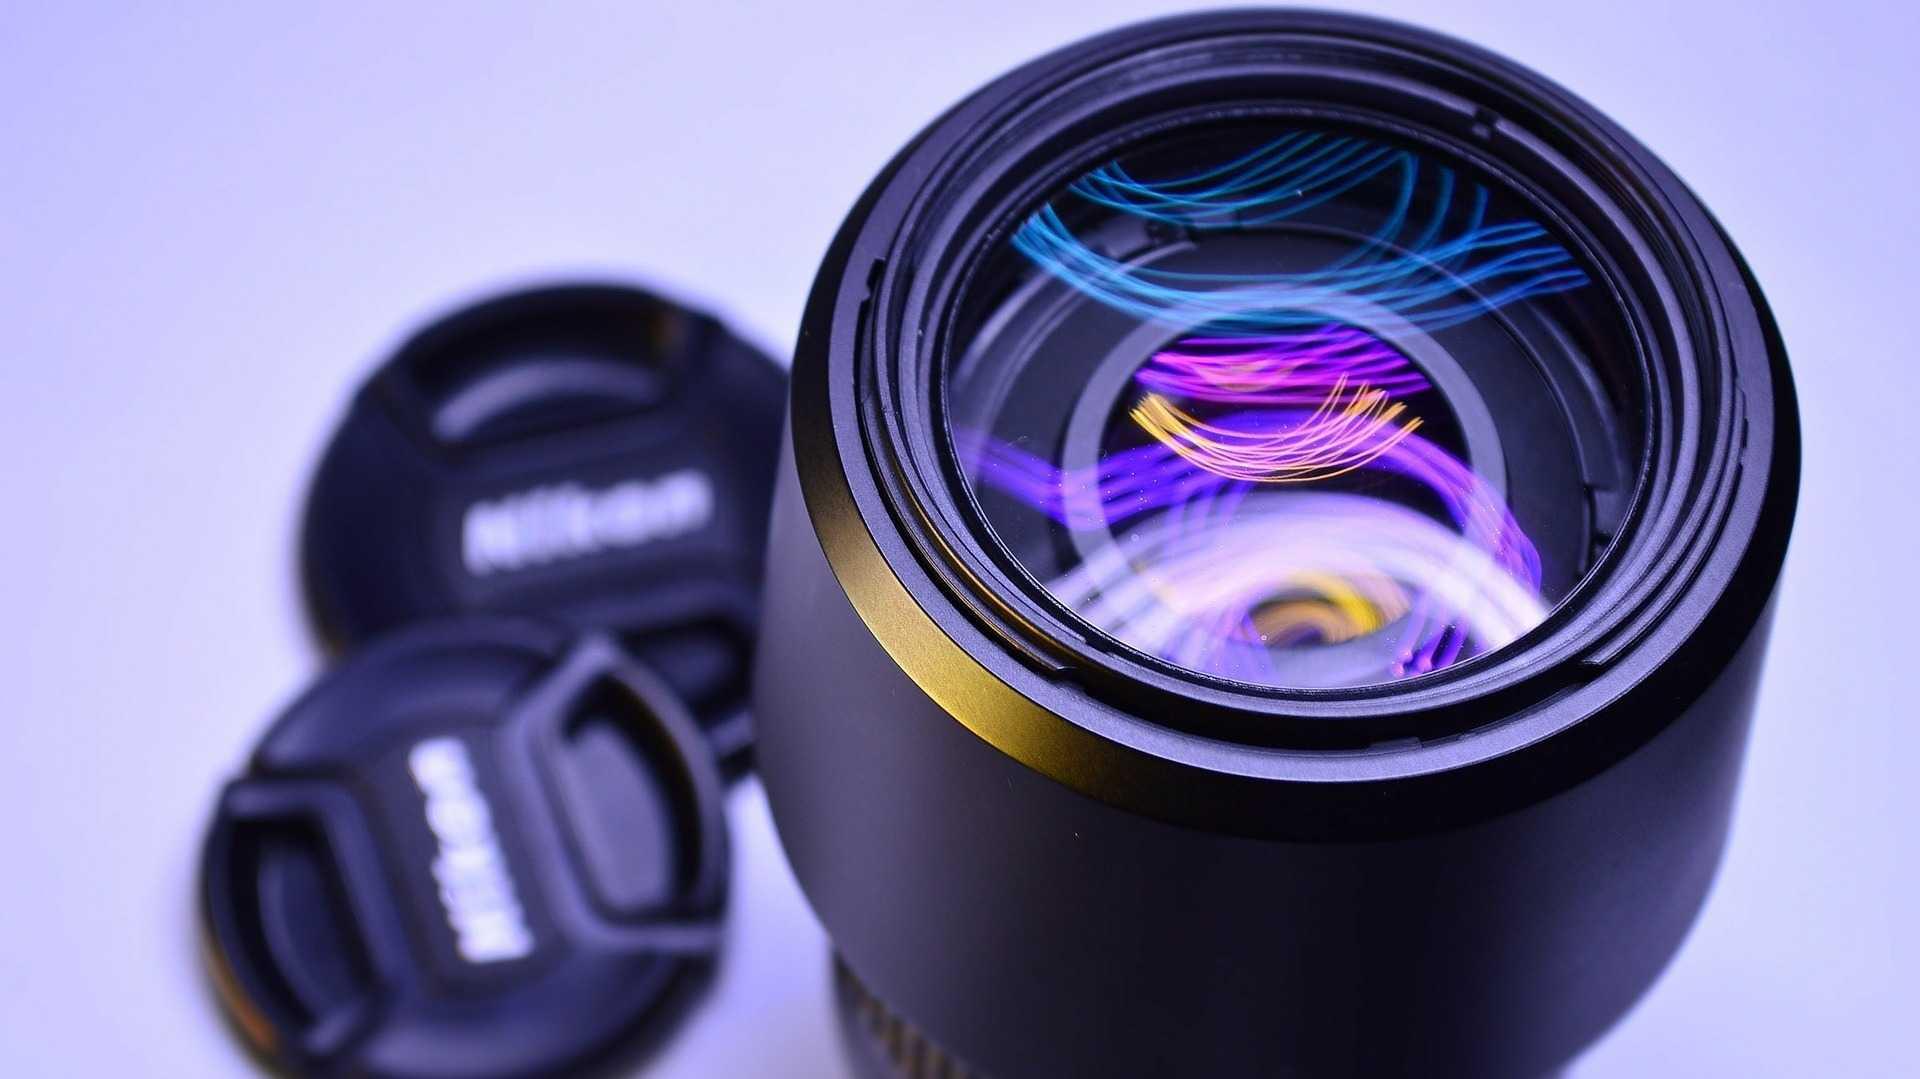 Fotografieren wir in Zukunft noch mit Objektiven aus Glas?